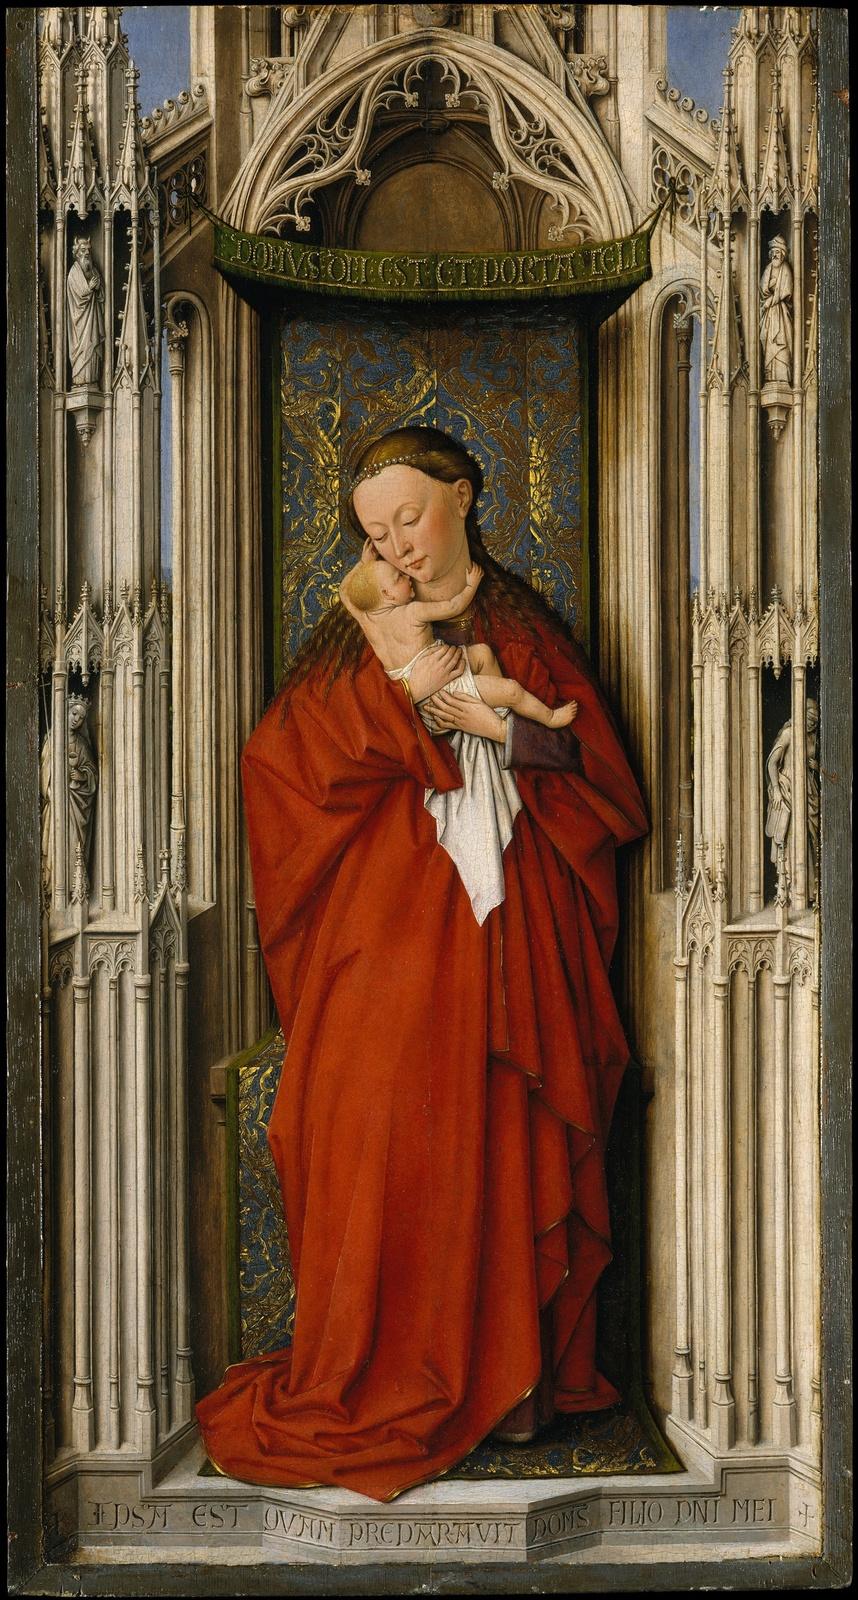 Unknown artist. Dutch school. About 1500 Madonna and Child in a niche. 58.4 x 30.8